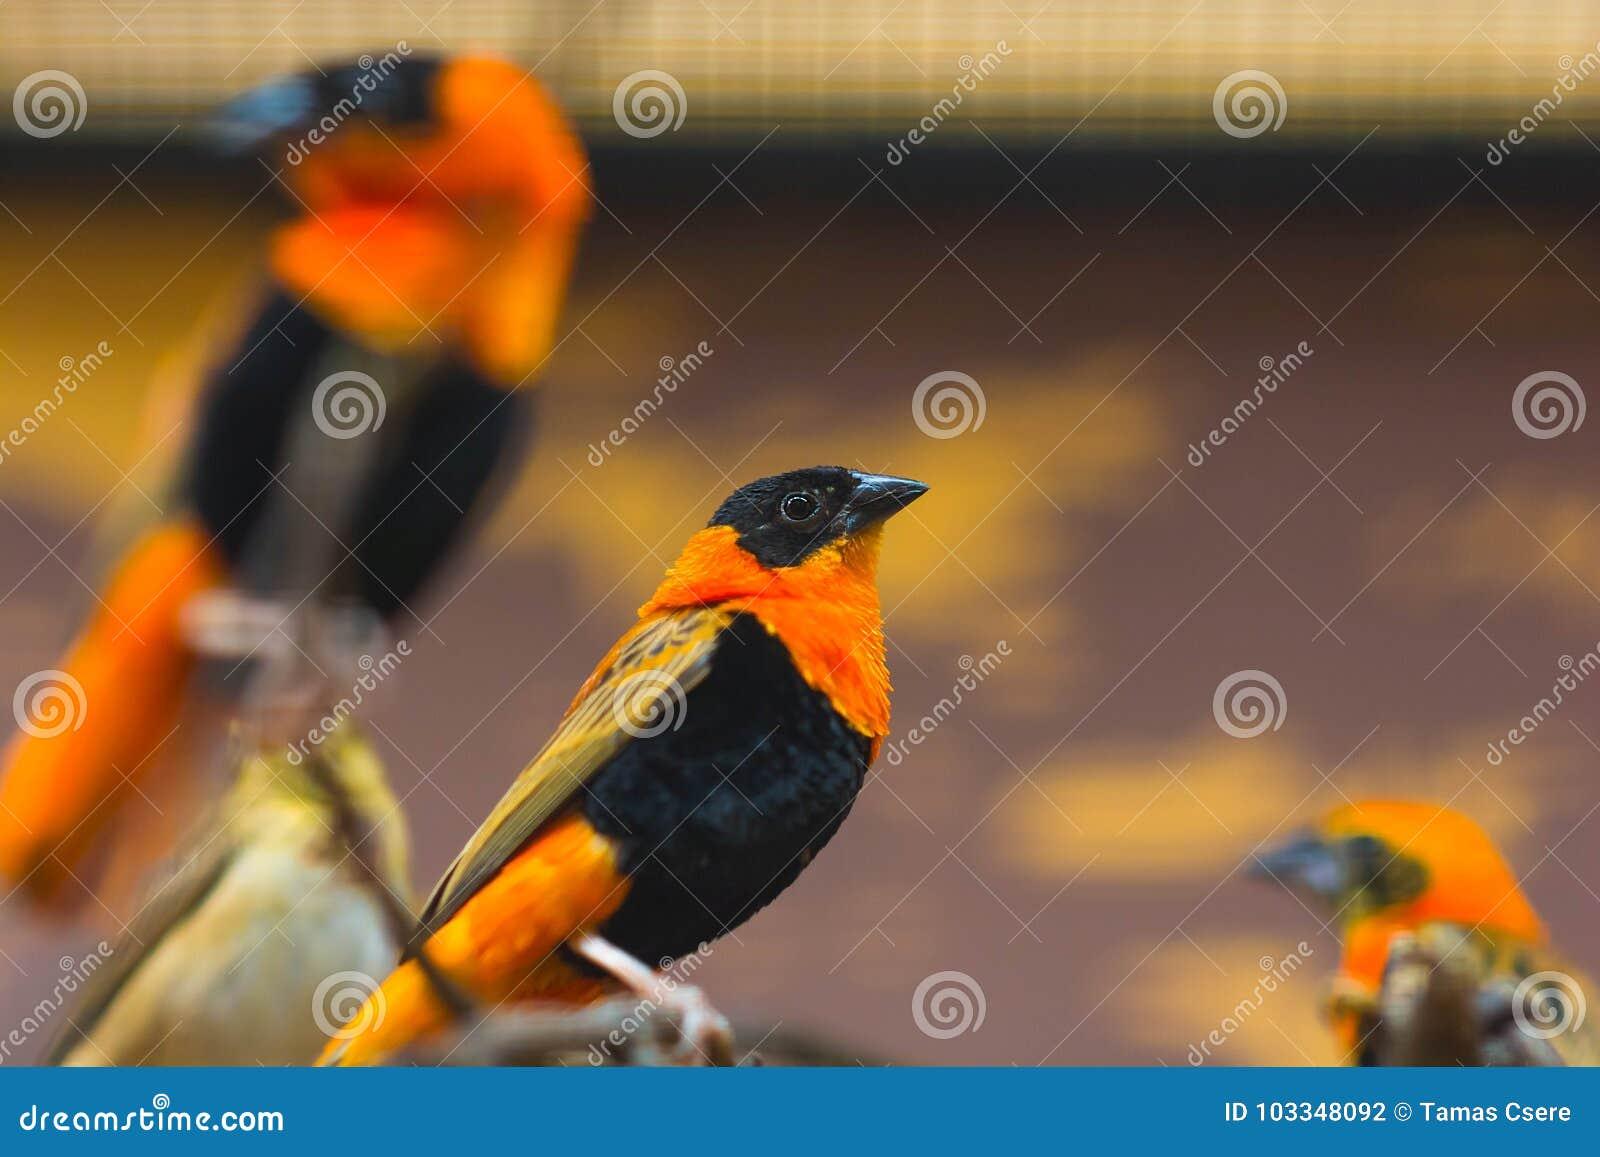 Fermez-vous vers le haut du portrait de l oiseau de loriot de Baltimore été perché sur une branche d arbre